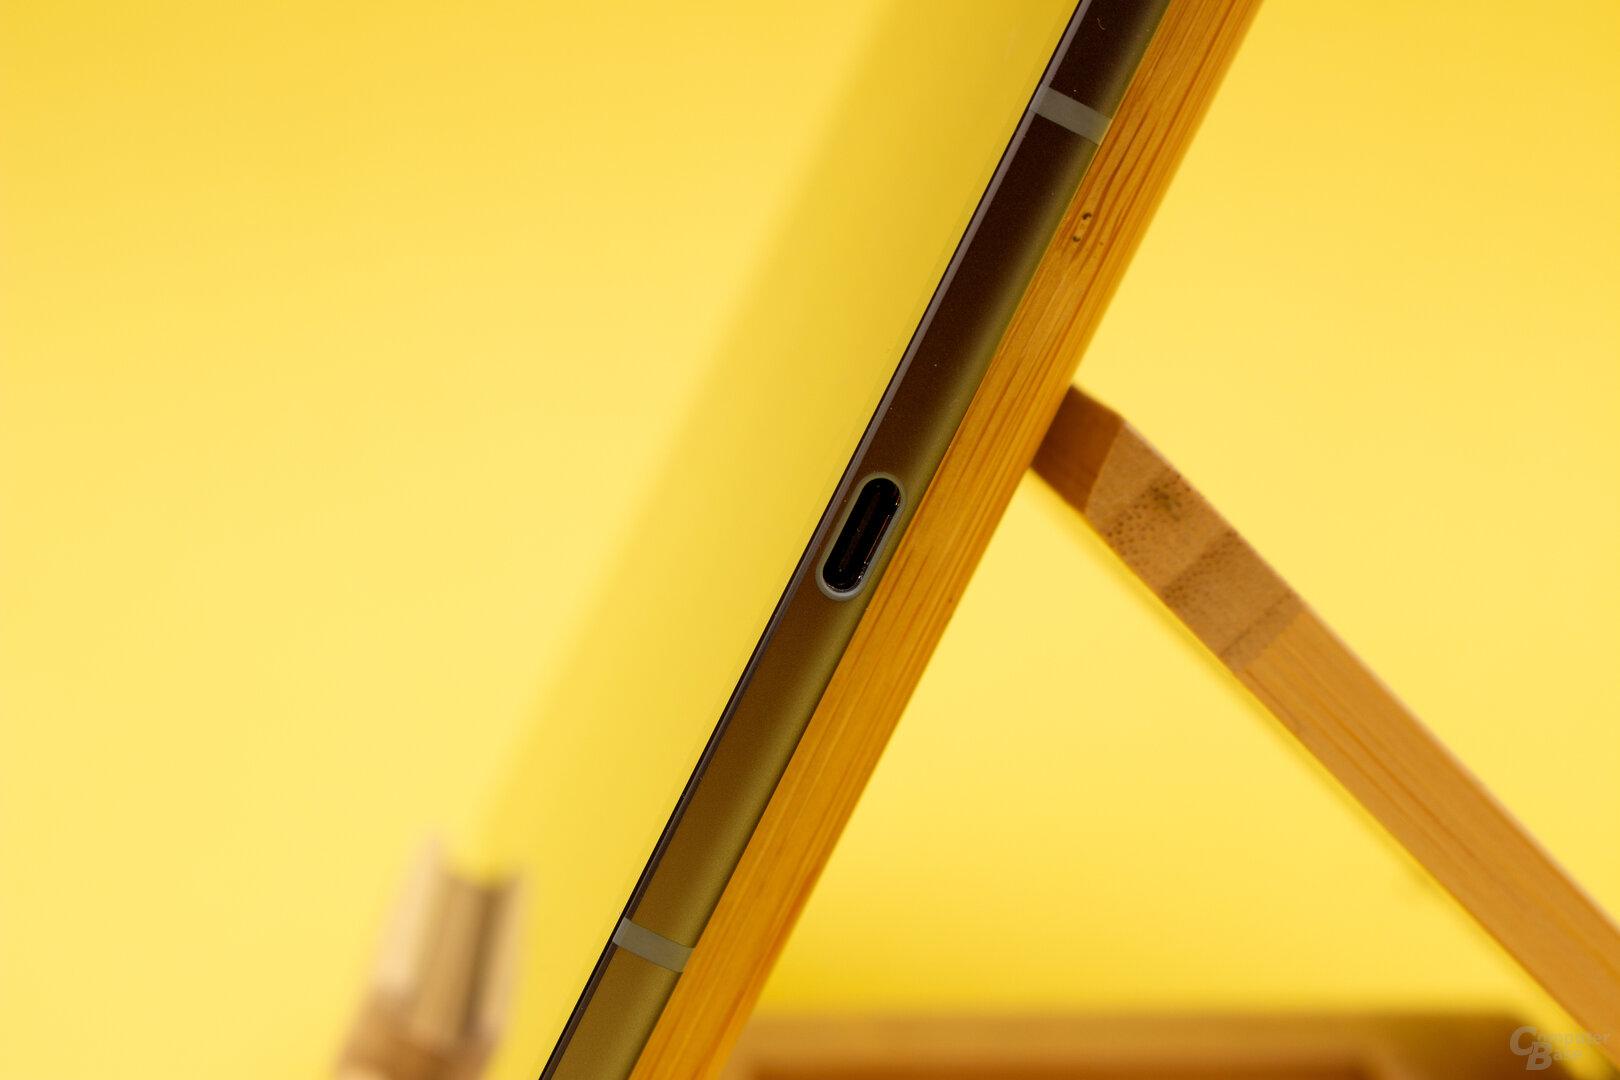 Der Kopfhöreranschluss muss beim S6 über den USB-C-Anschluss realisiert werden